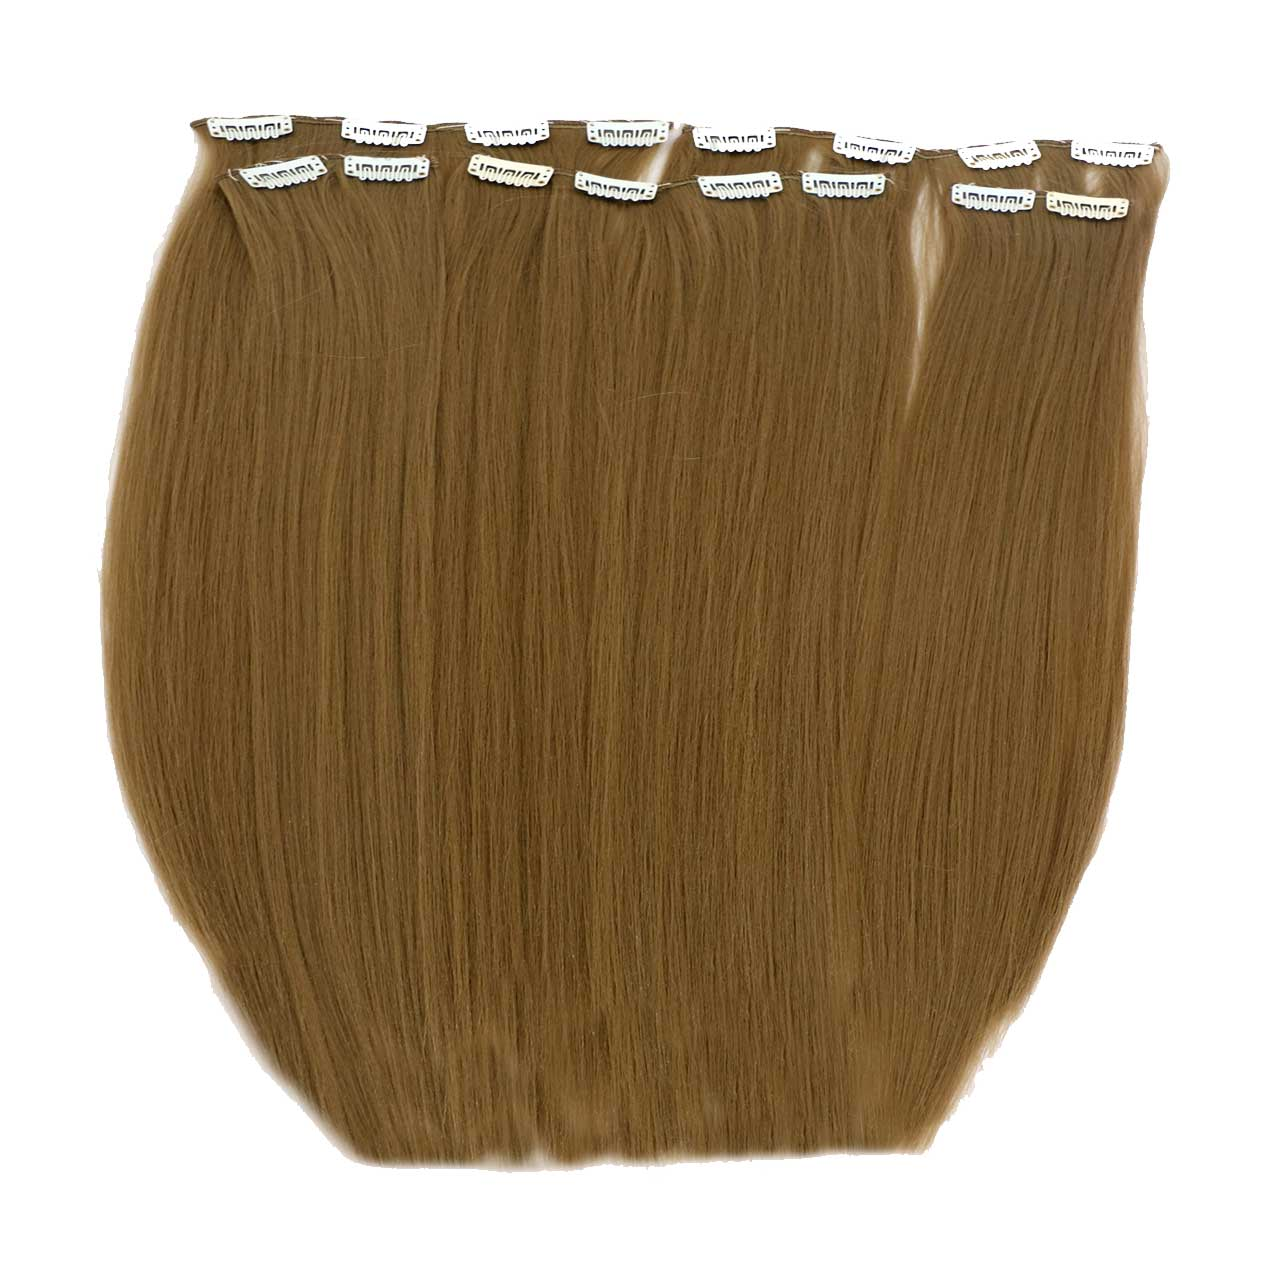 اکستنشن متحرک مو پوش دار رنگ عسلی روشن مدل 3041c-18t